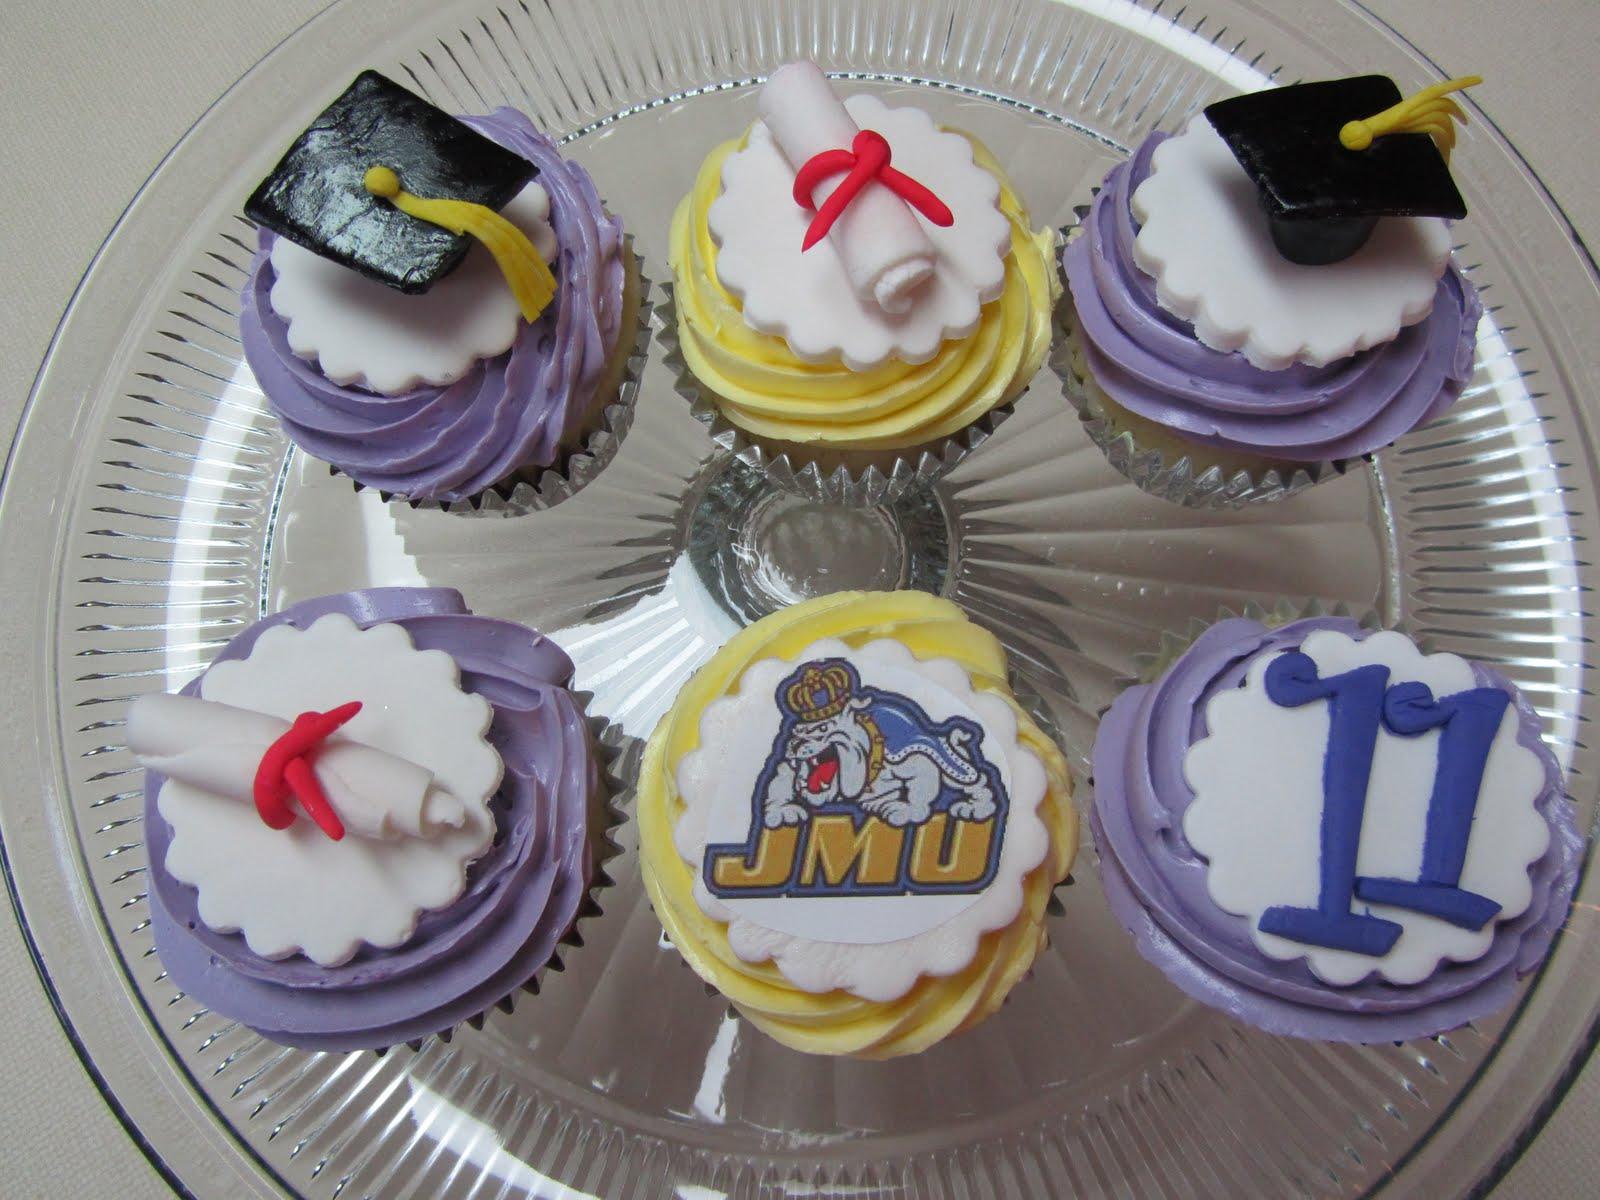 Lola S Cupcake Shoppe James Madison University Graduation